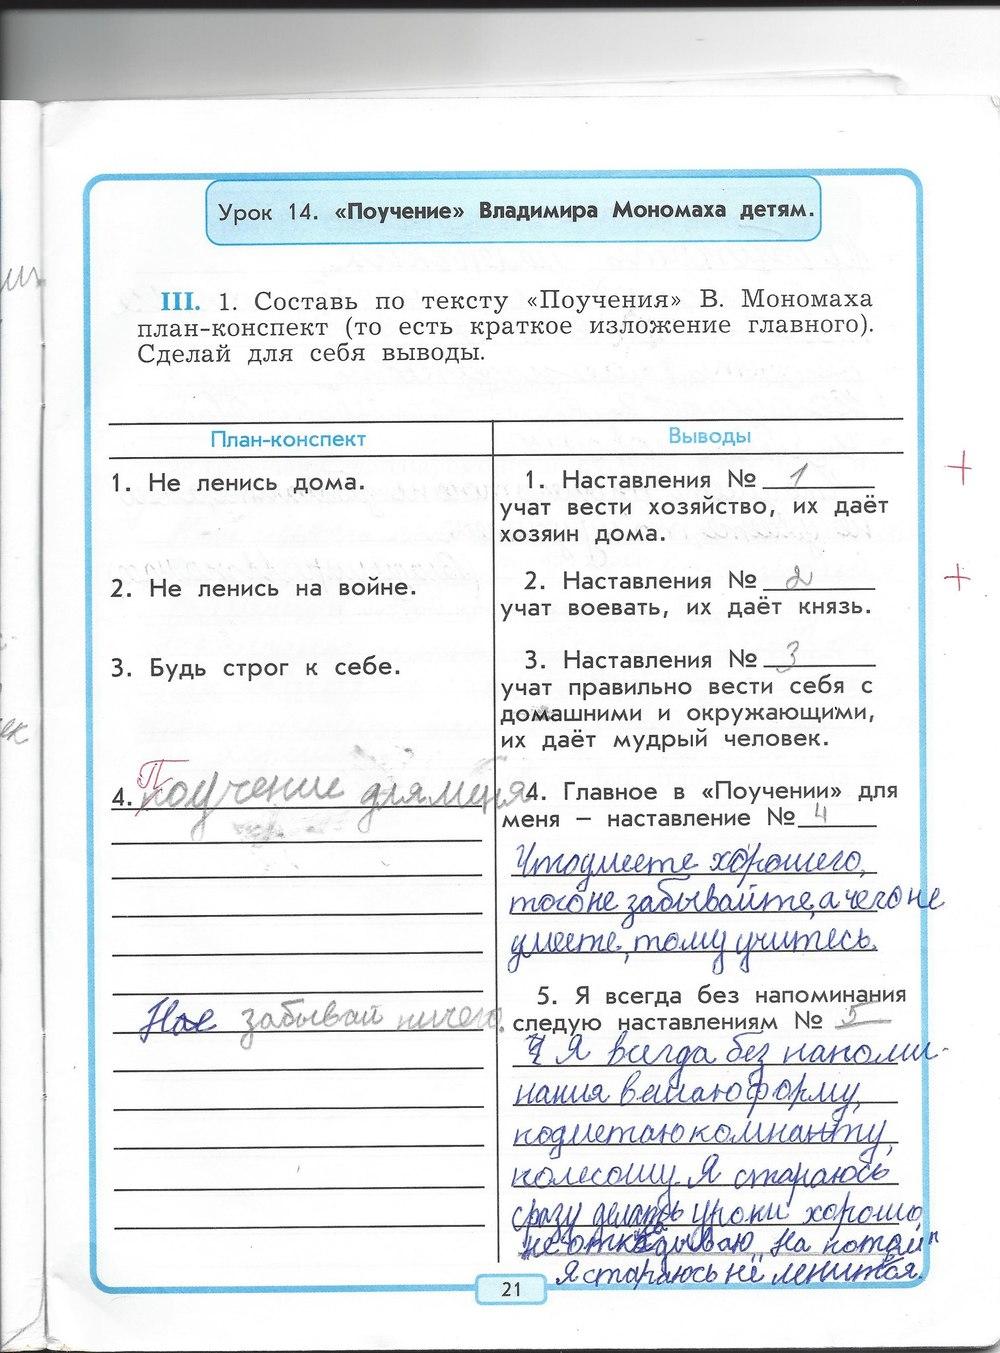 гдз по литературе в рабочей тетради 4 класс бунеев бунеева чиндилова